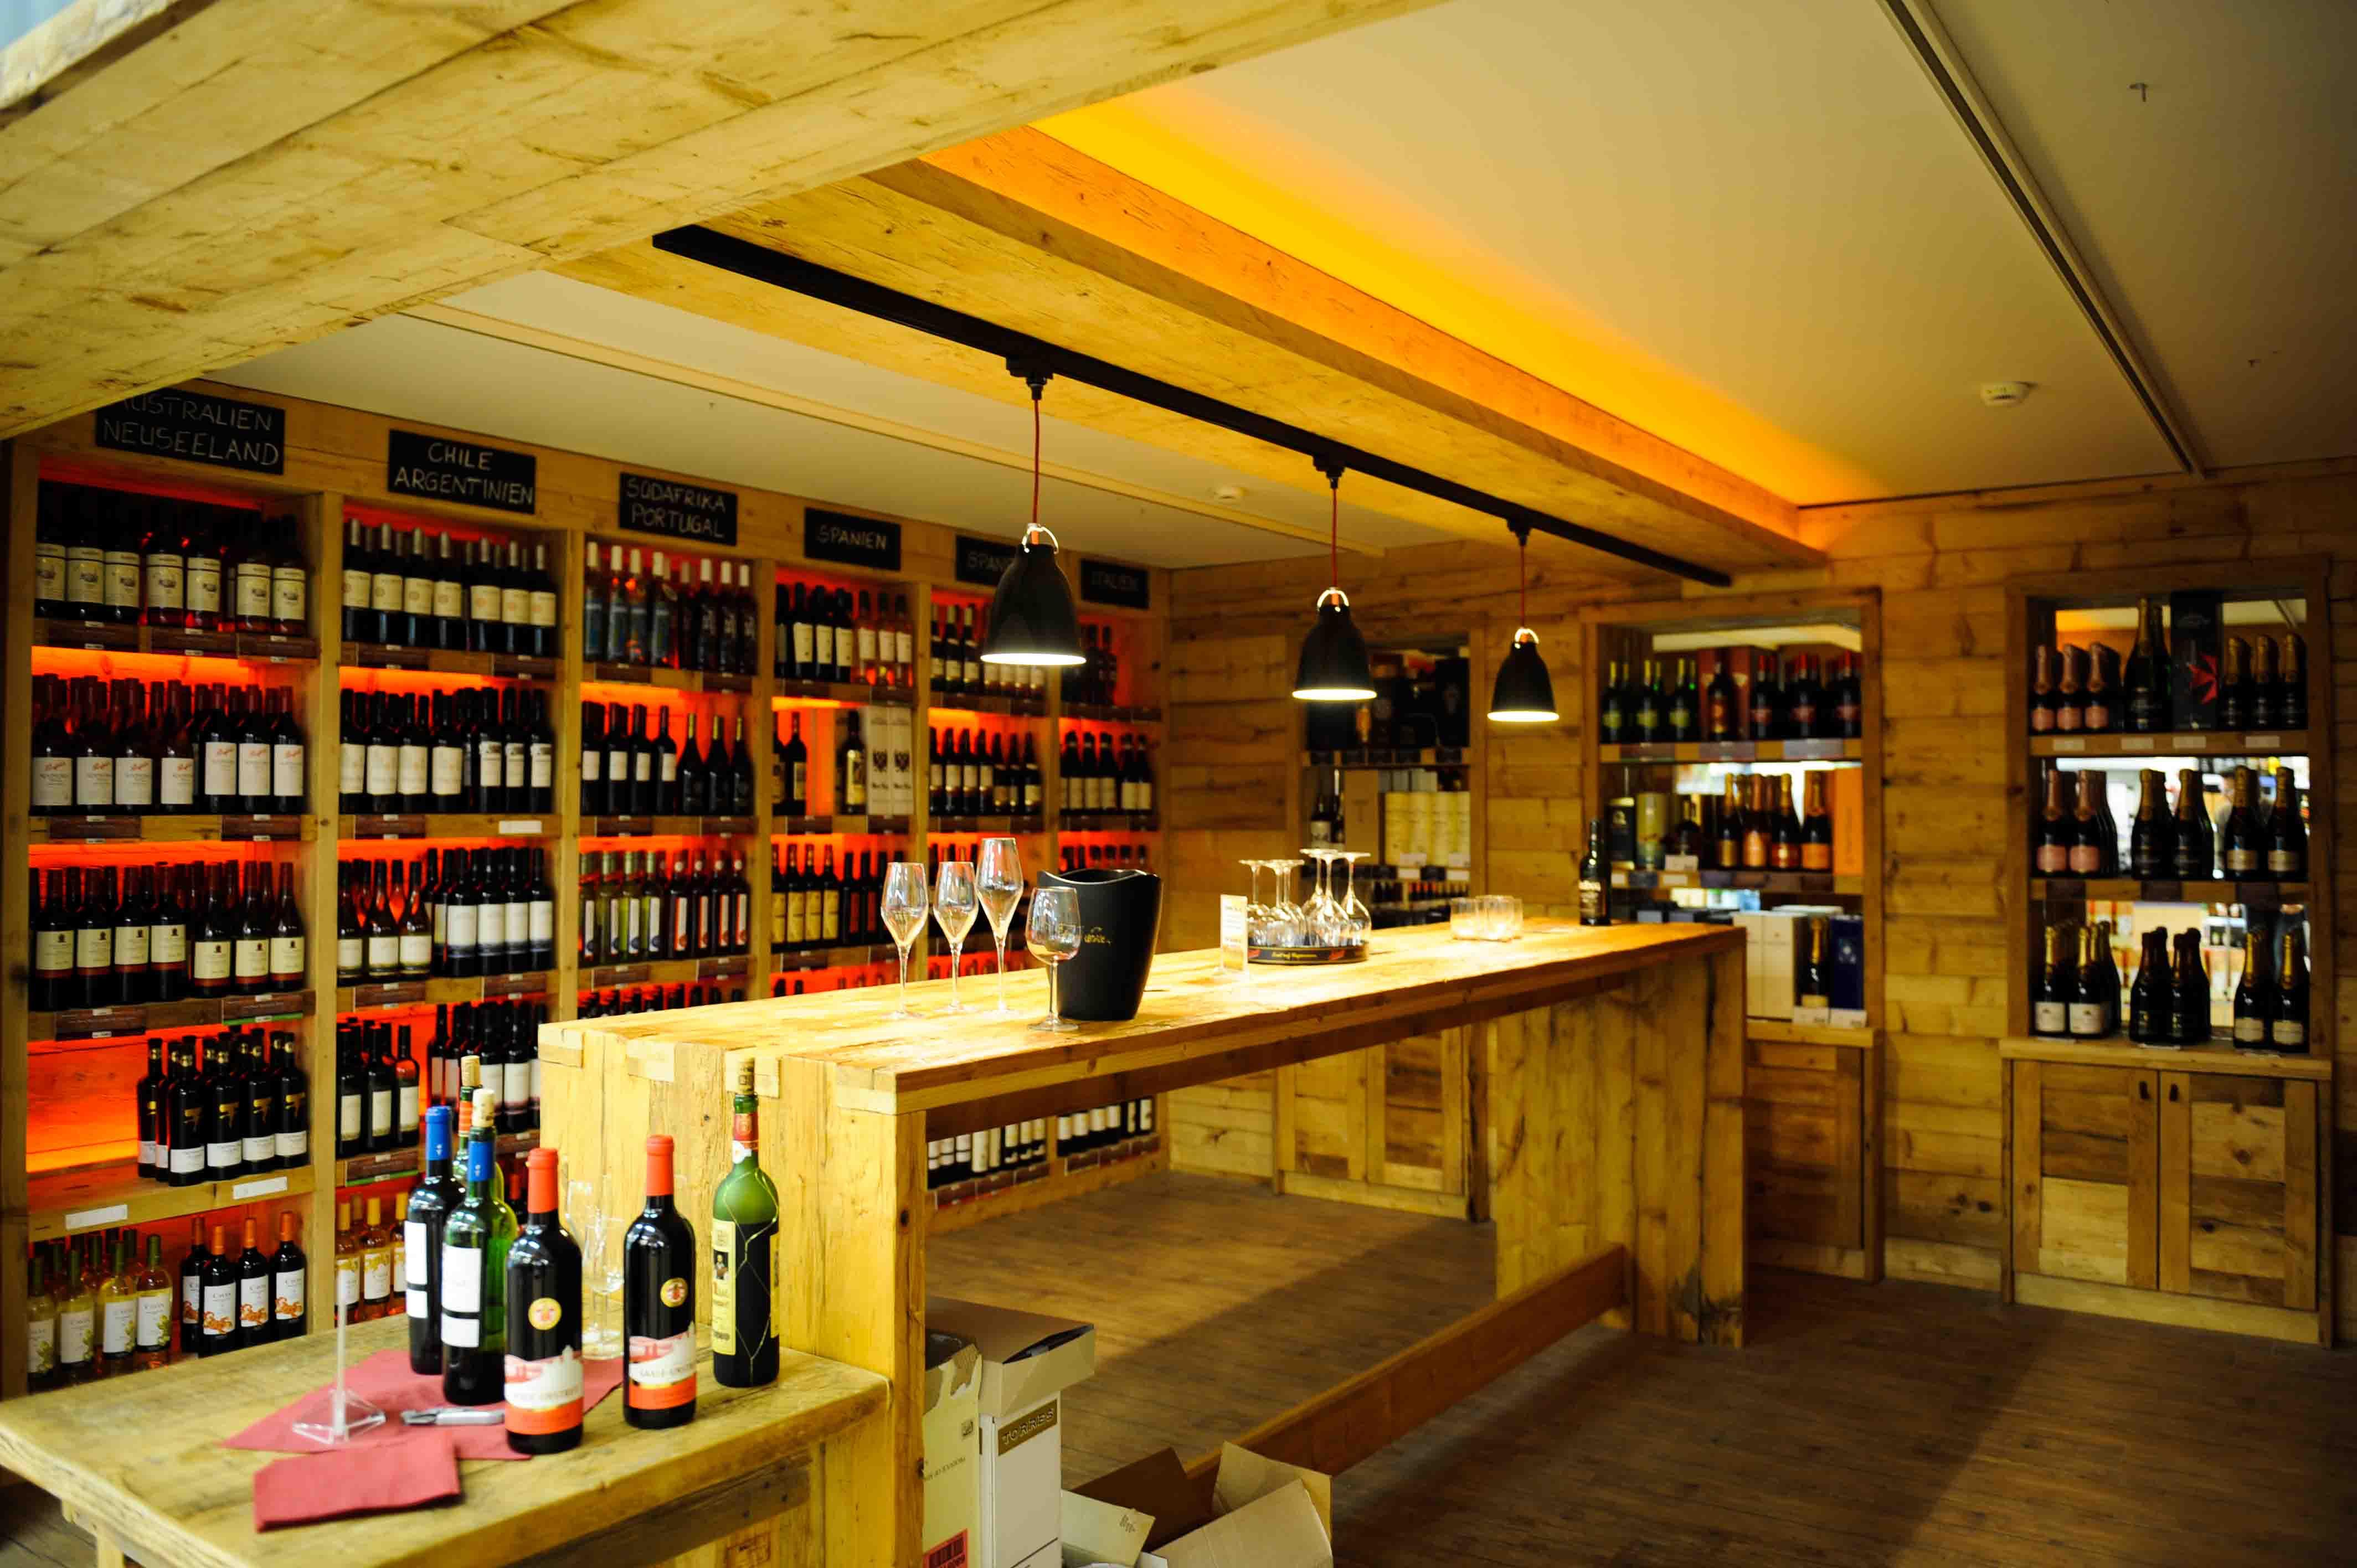 Zisch Getränke Großmarkt Weinsortiment